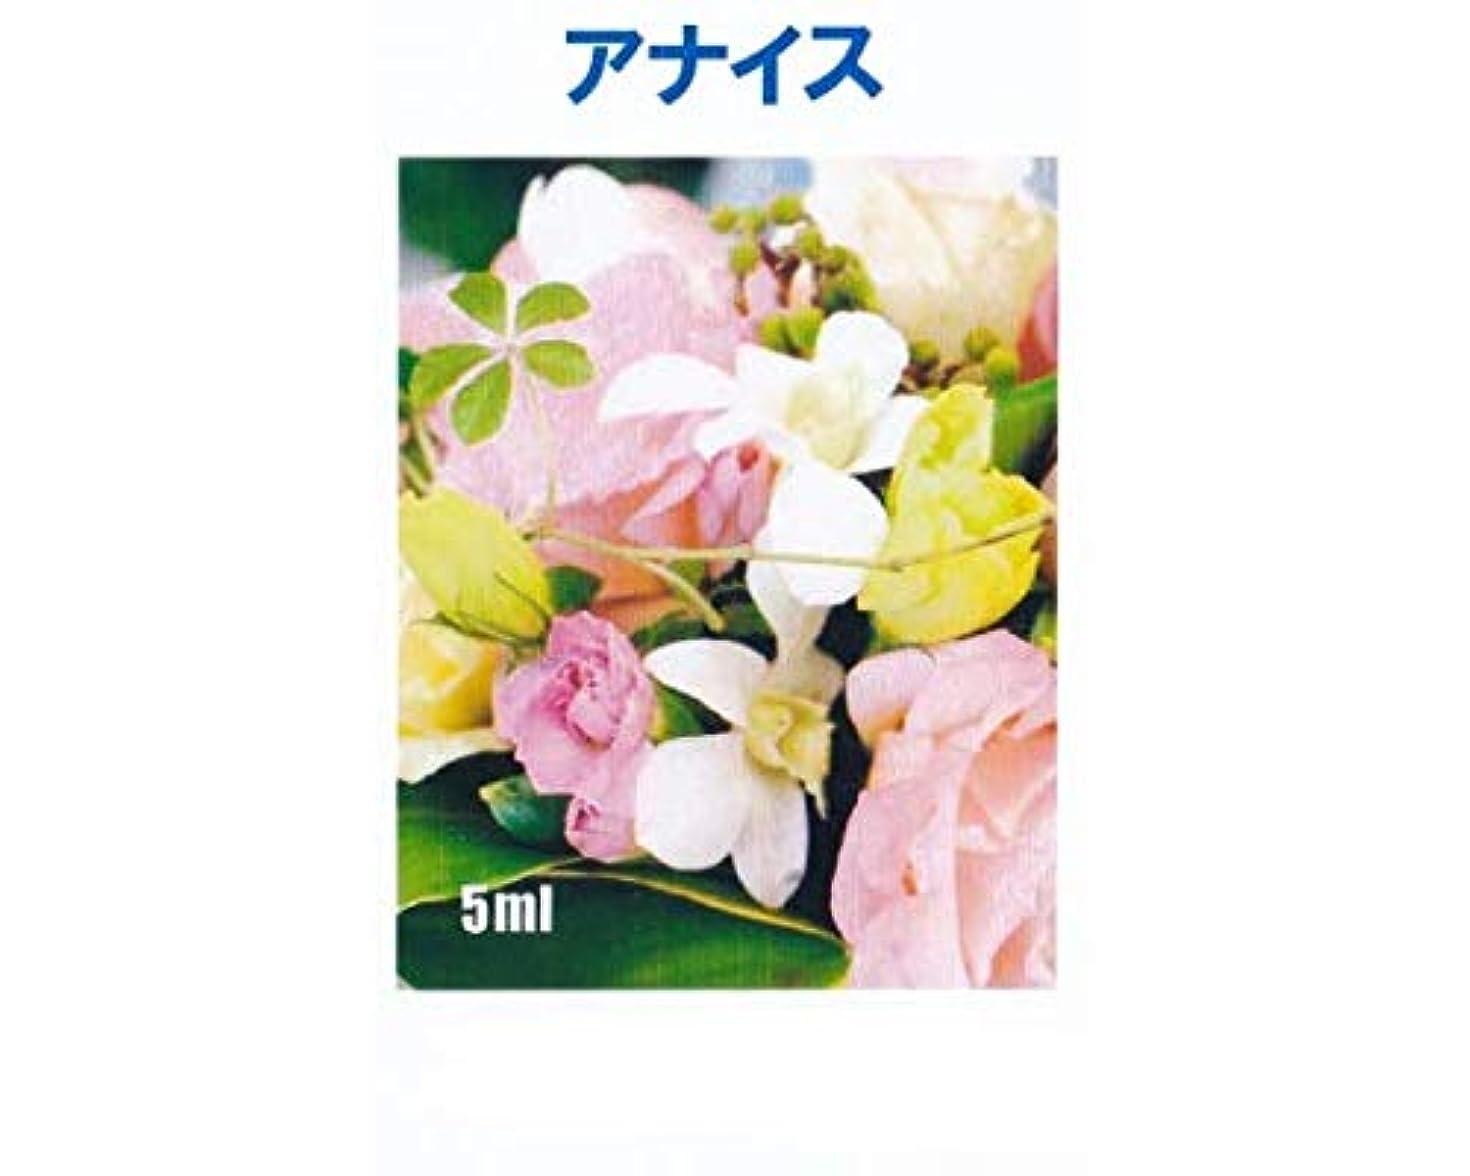 市の花モーション寛大なアロマオイル アナイス 5ml エッセンシャルオイル 100%天然成分